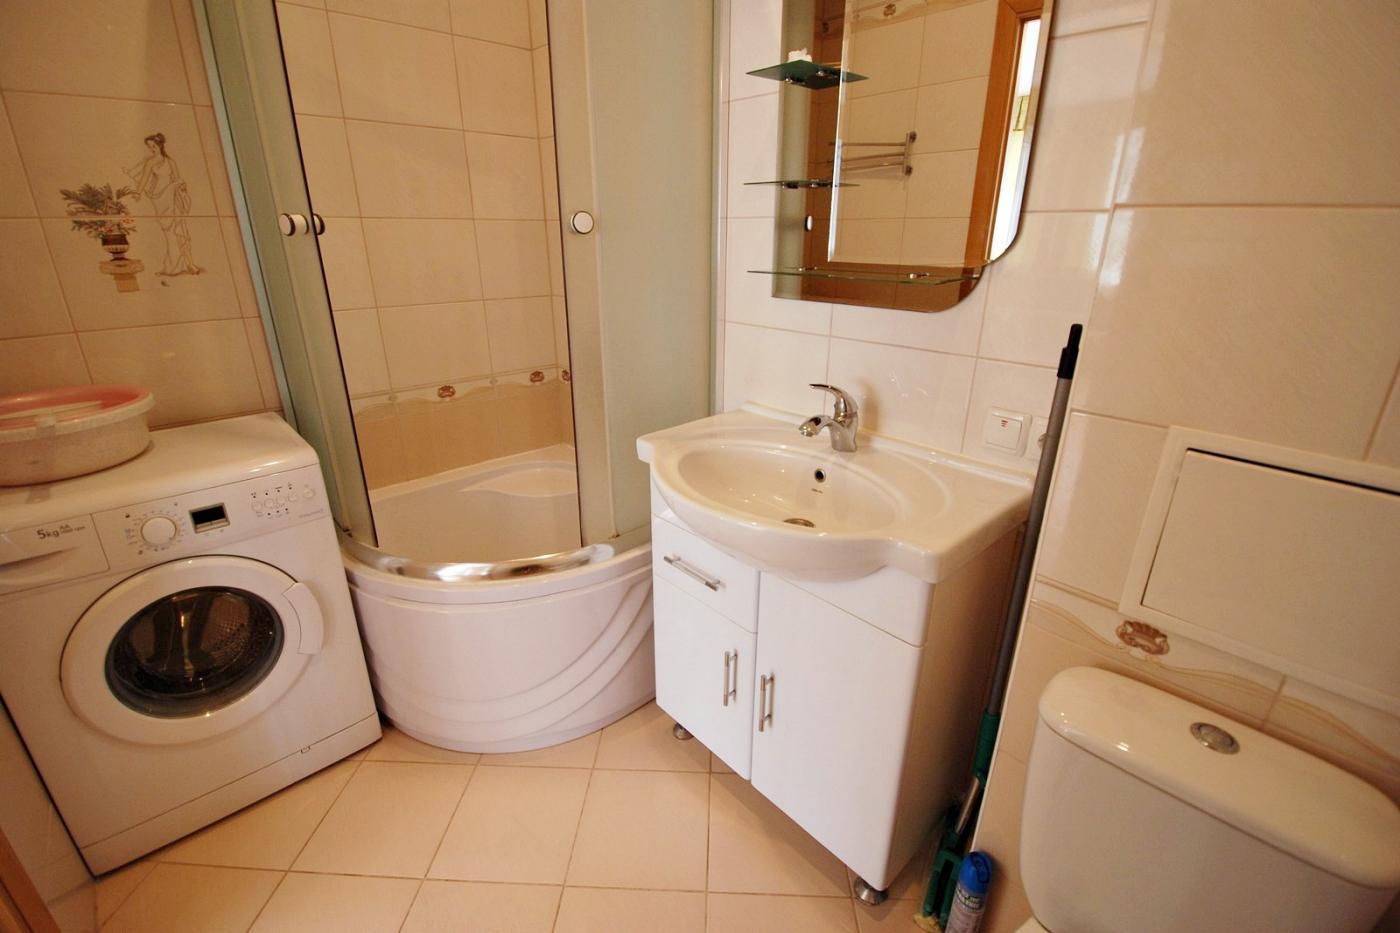 2-комнатный Коттедж посуточно (вариант № 1188), ул. Щербака улица, фото № 8